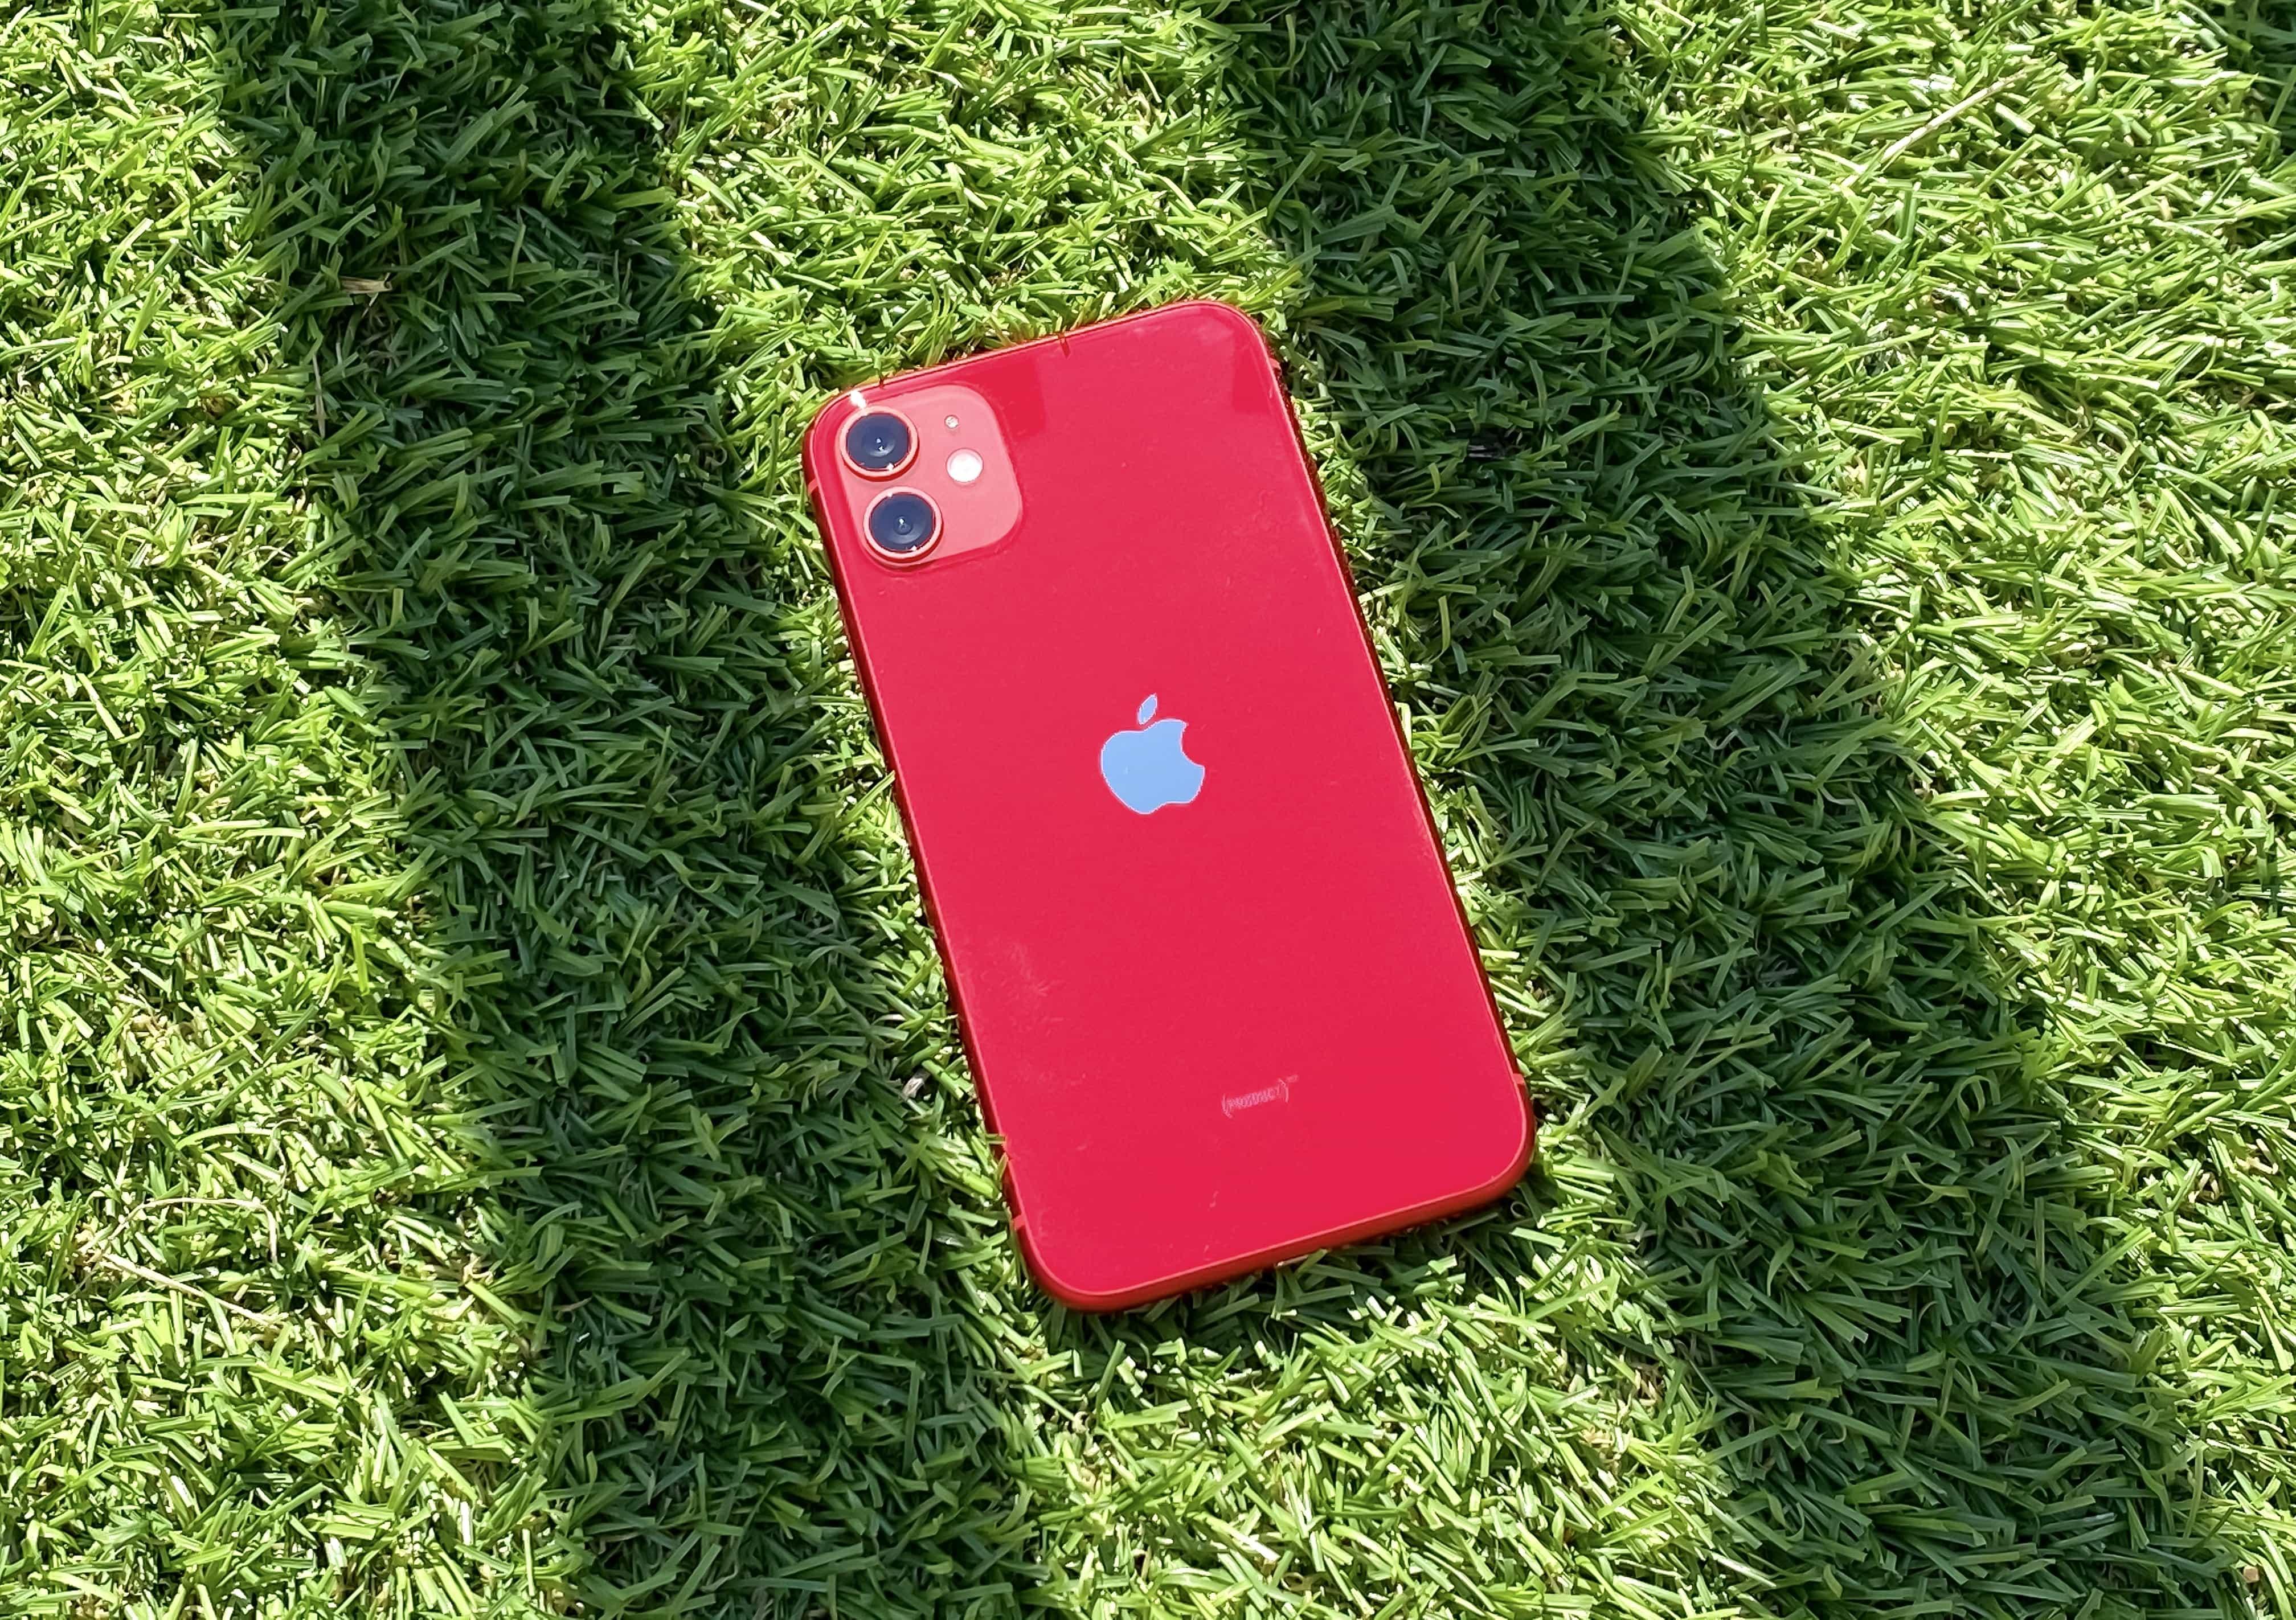 El analista se queja de que el precio promedio de venta del iPhone está cayendo